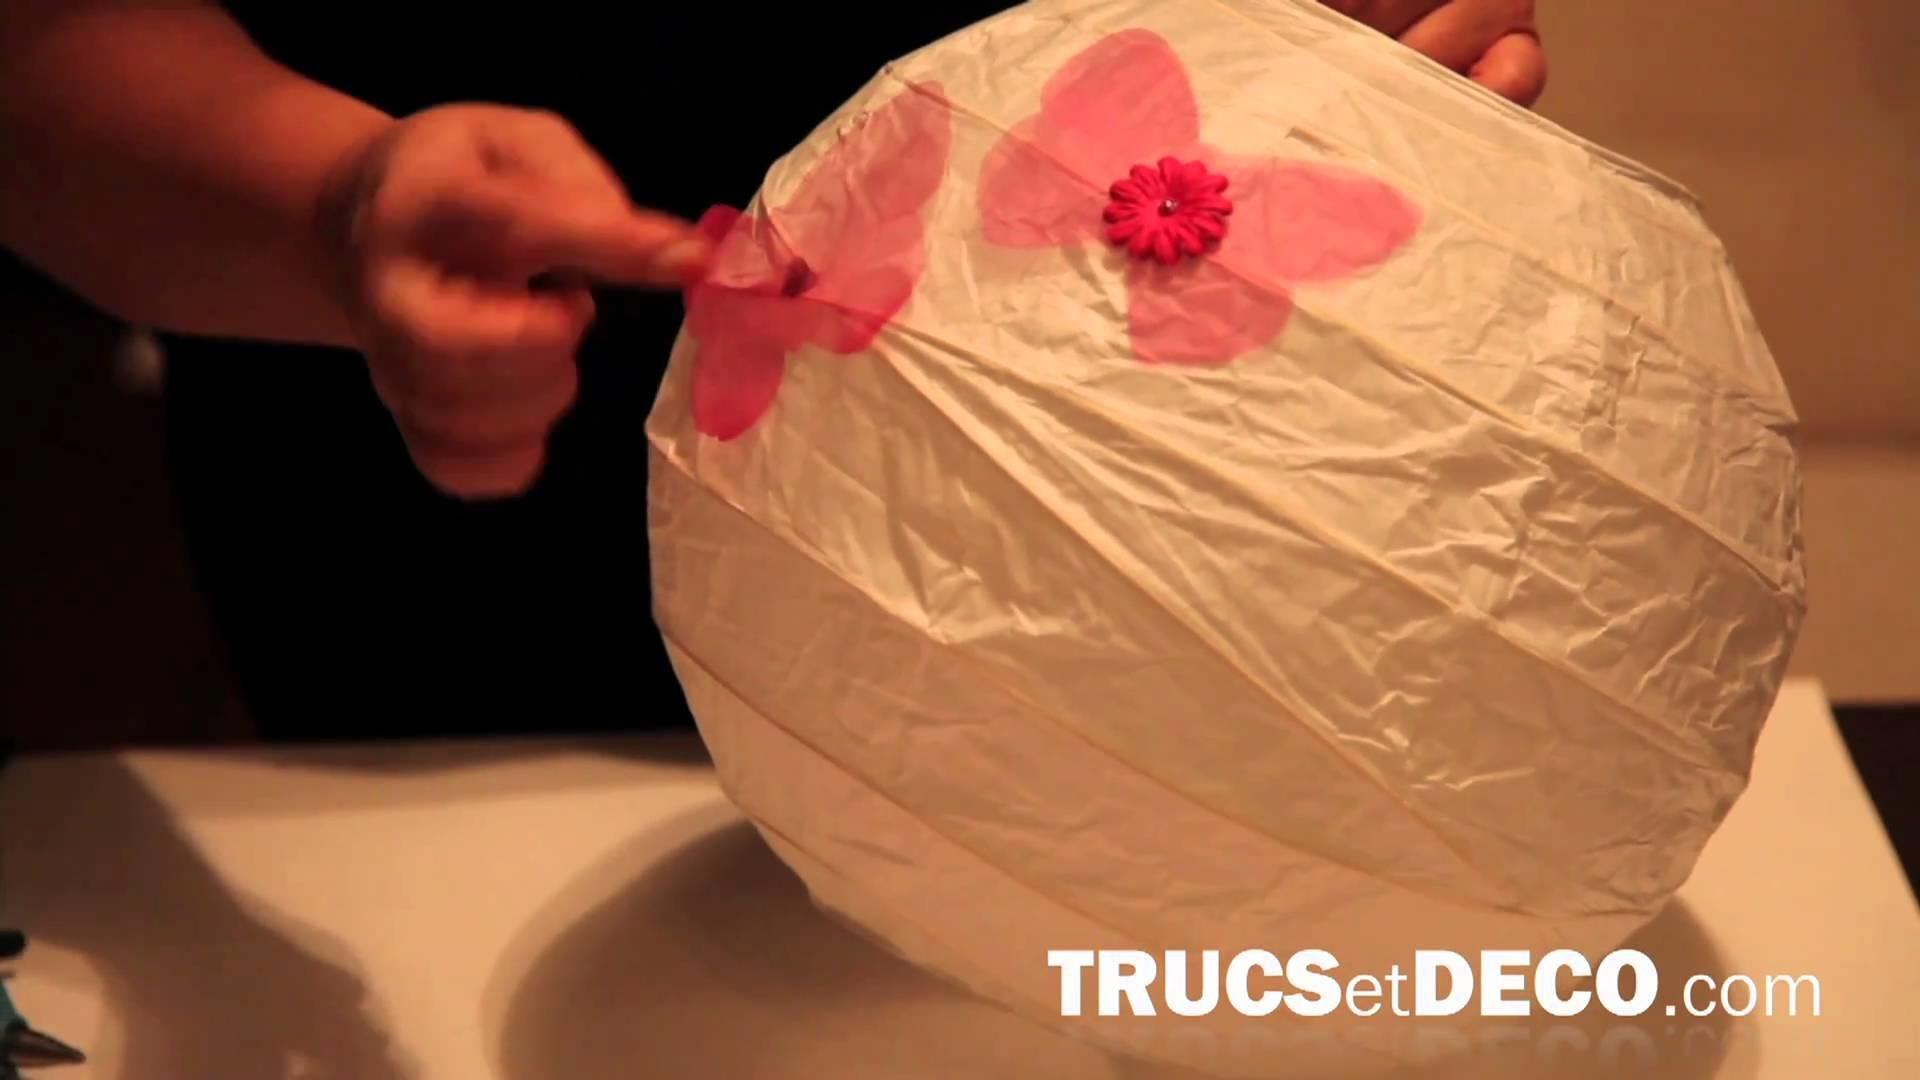 Décoration de lampe japonaise en papier - Tutoriel par trucsetdeco.com